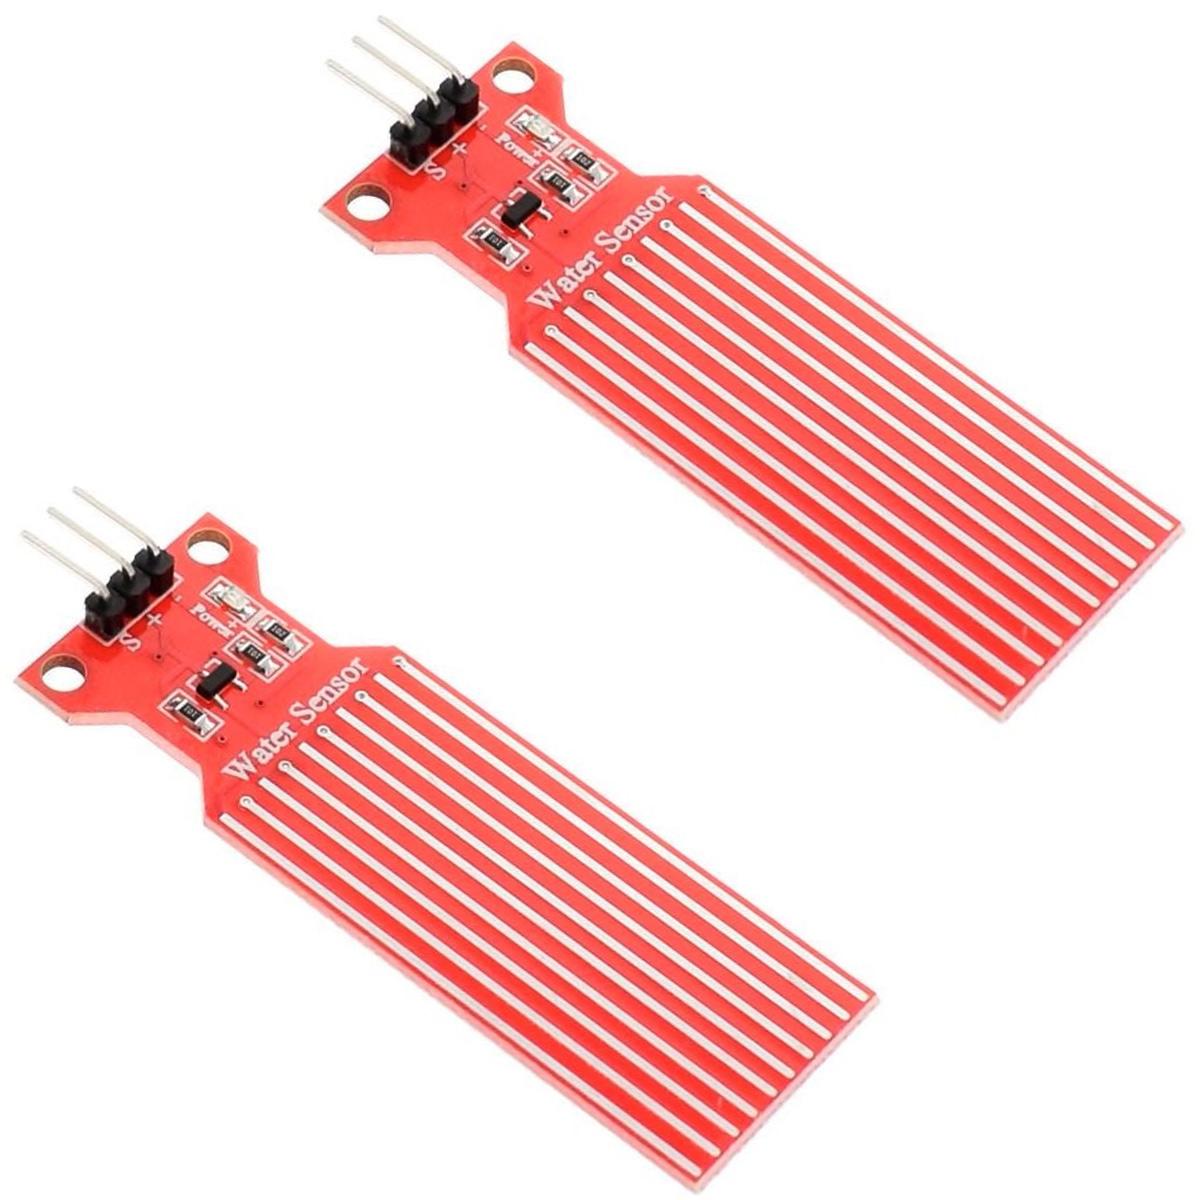 2x Sensor de Nível de Água e Chuva